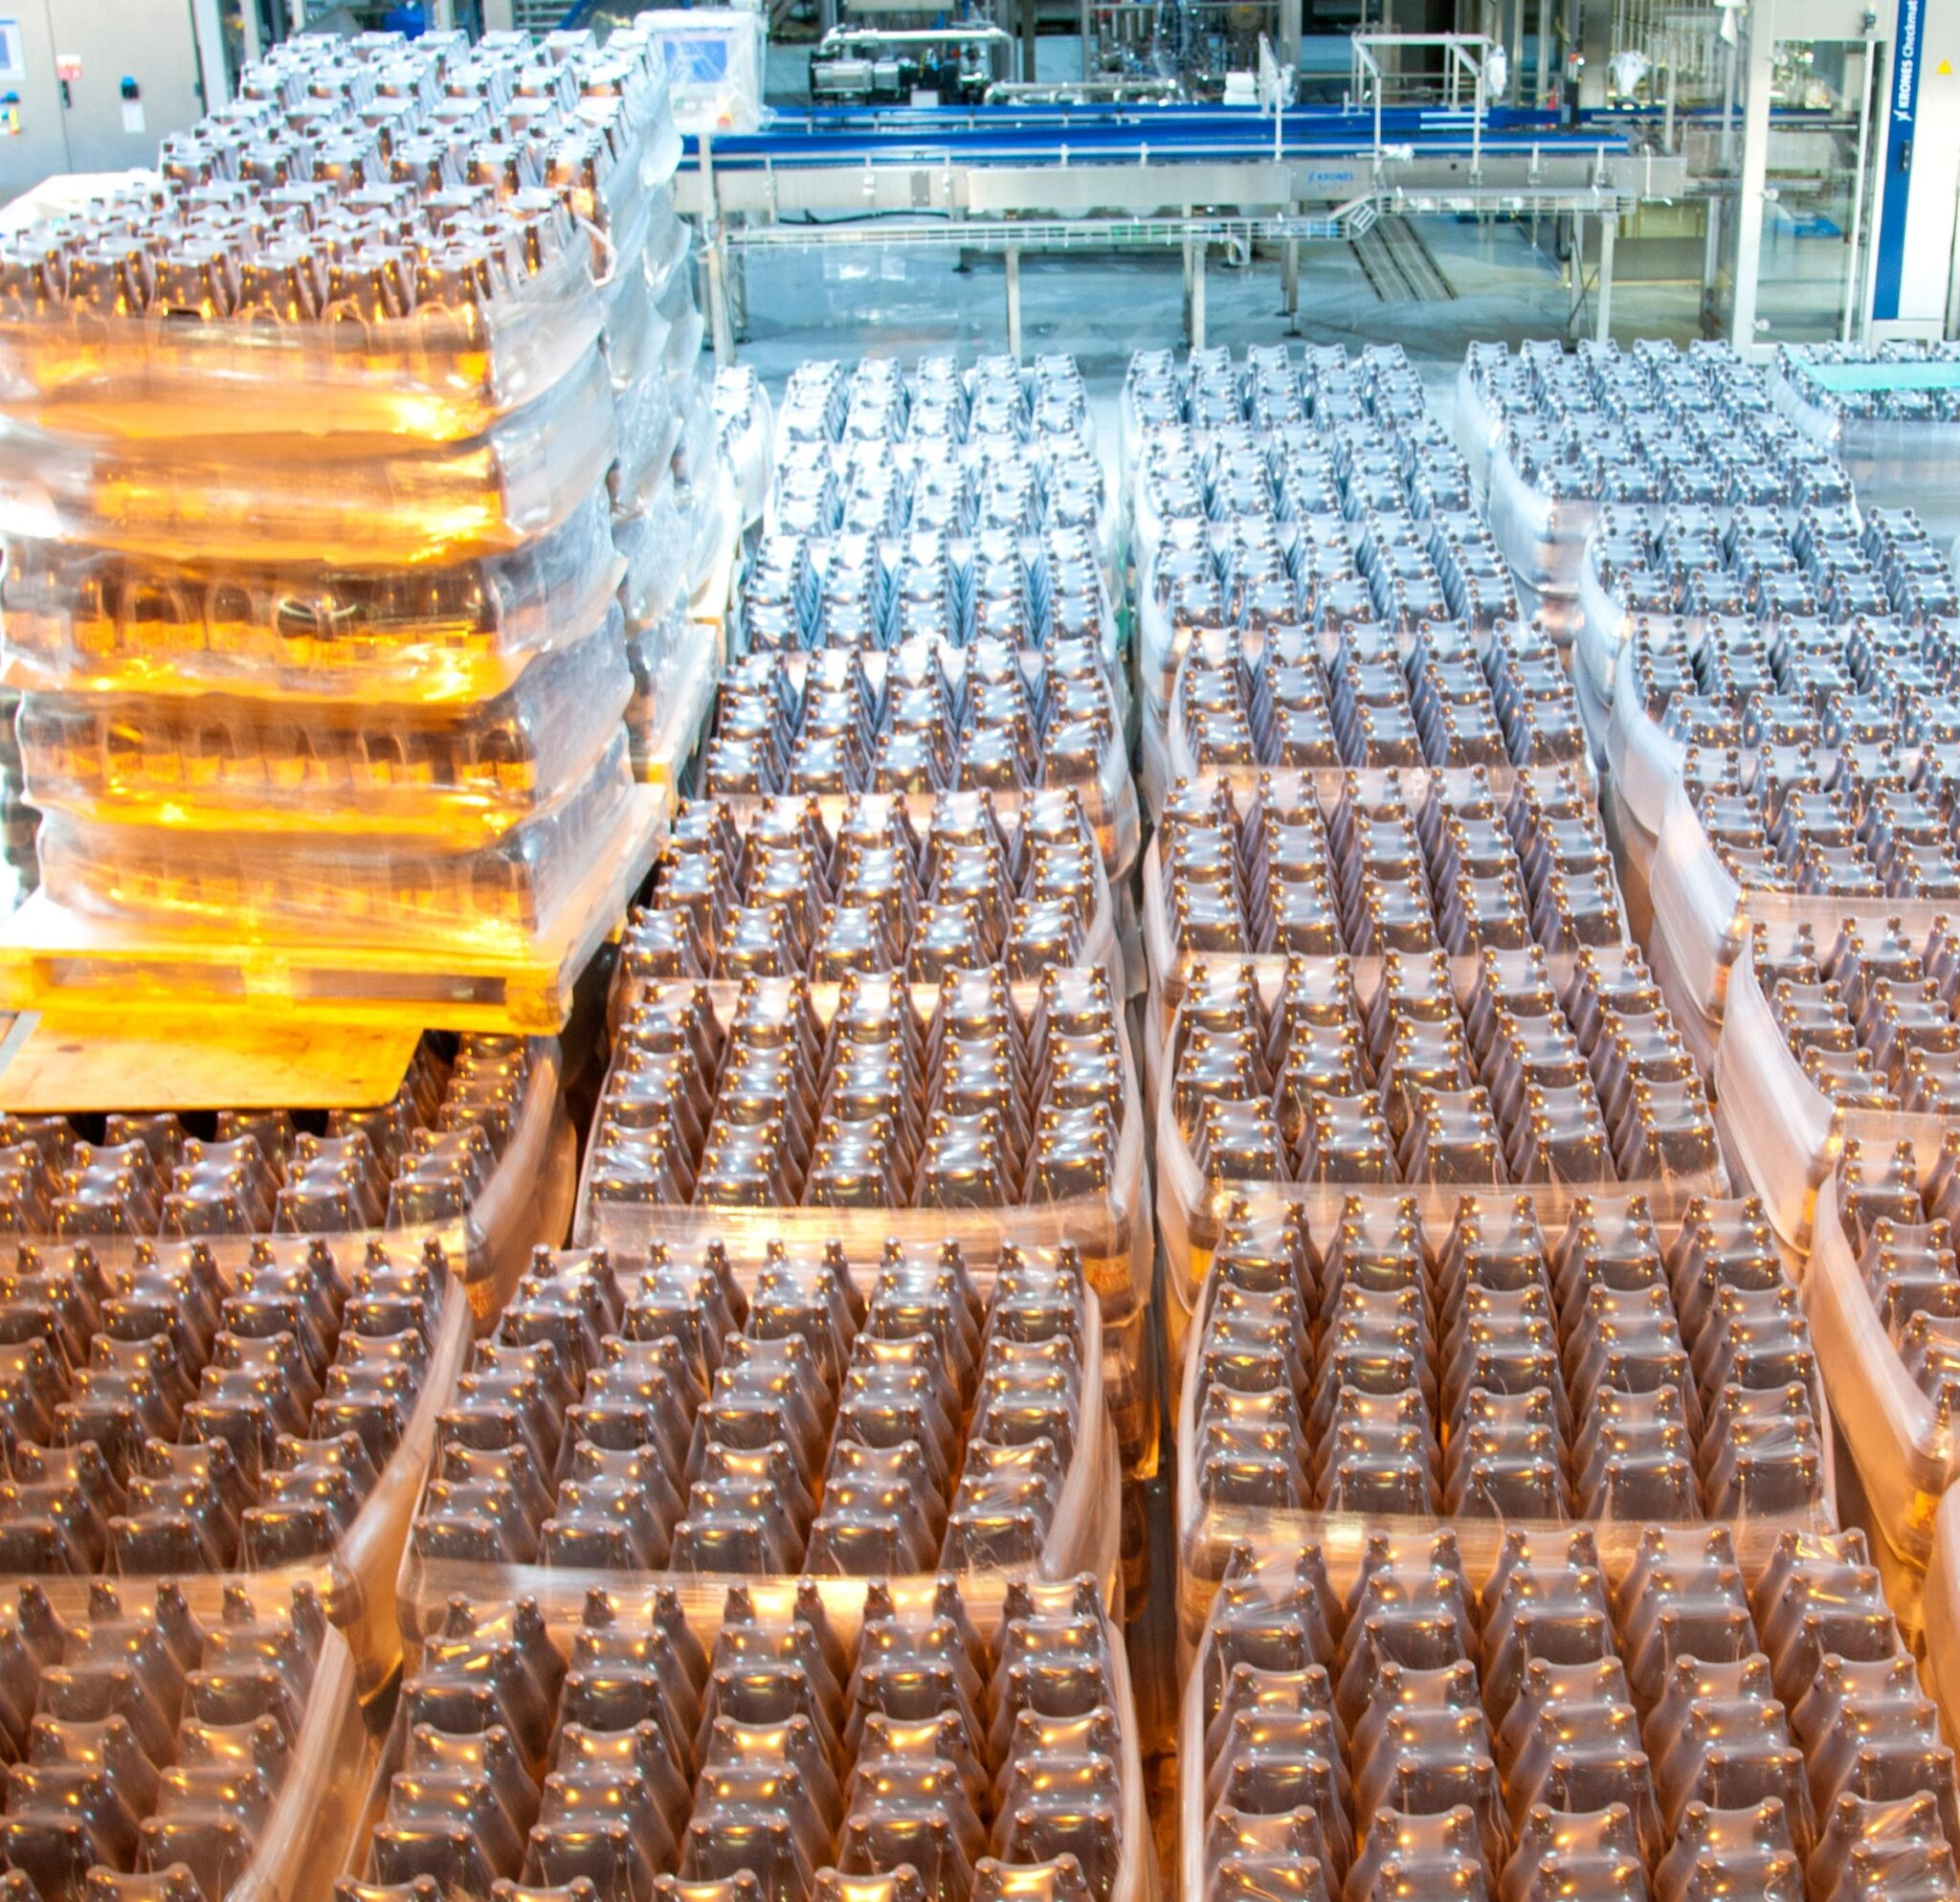 Beverage Distributor and Manufacturer